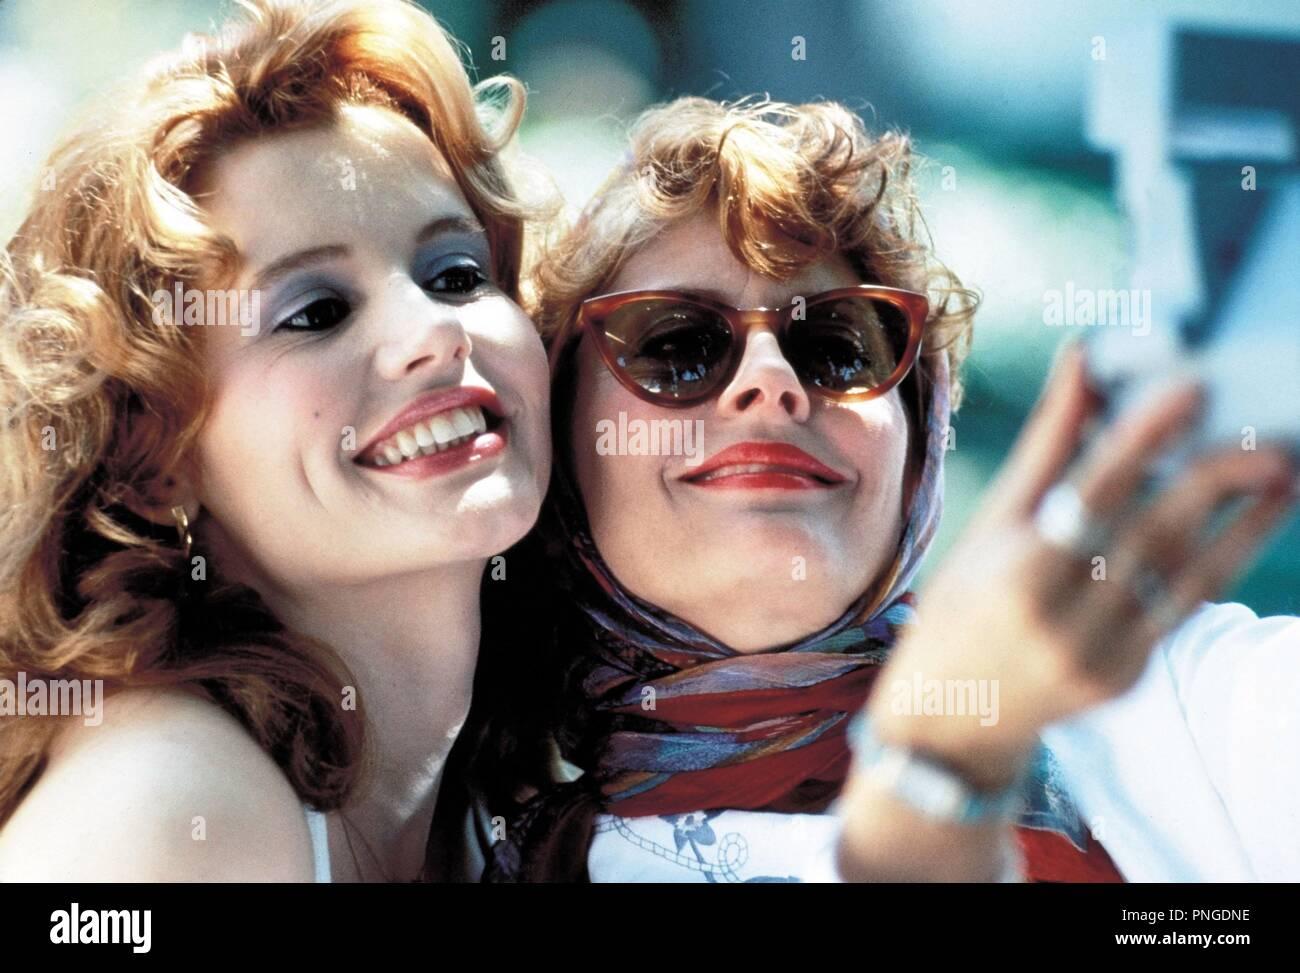 Sydney Sturgess Hot picture Timothy Dalton (born 1946),Constance Money